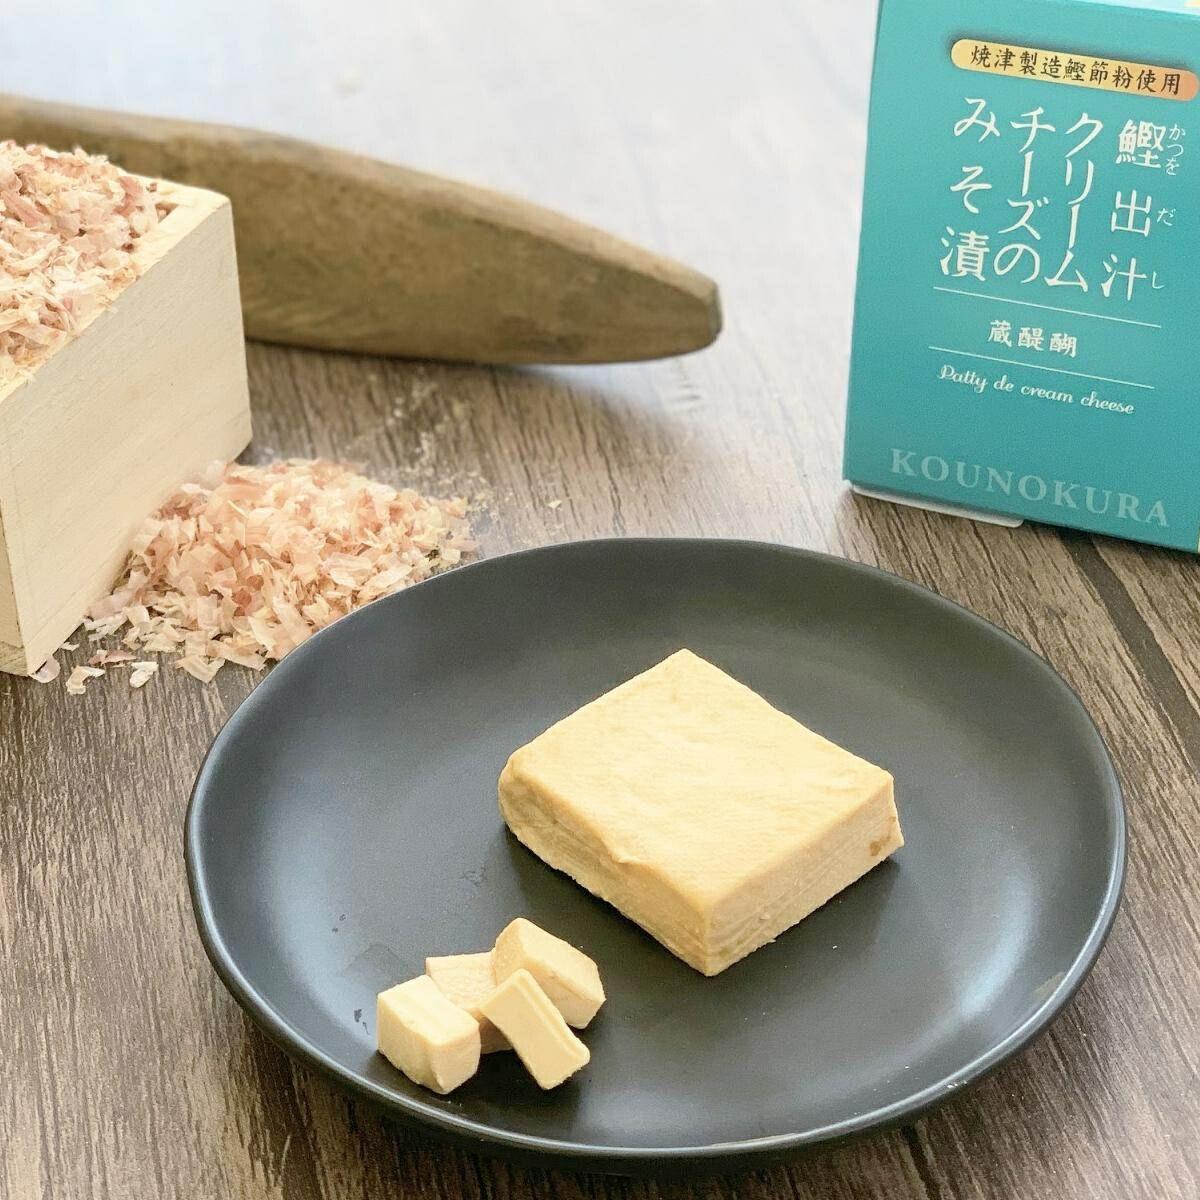 香の蔵 鰹出汁クリームチーズのみそ漬<br>【ワインとの同梱可能】【ラッピング不可】【ギフトBOX不可】